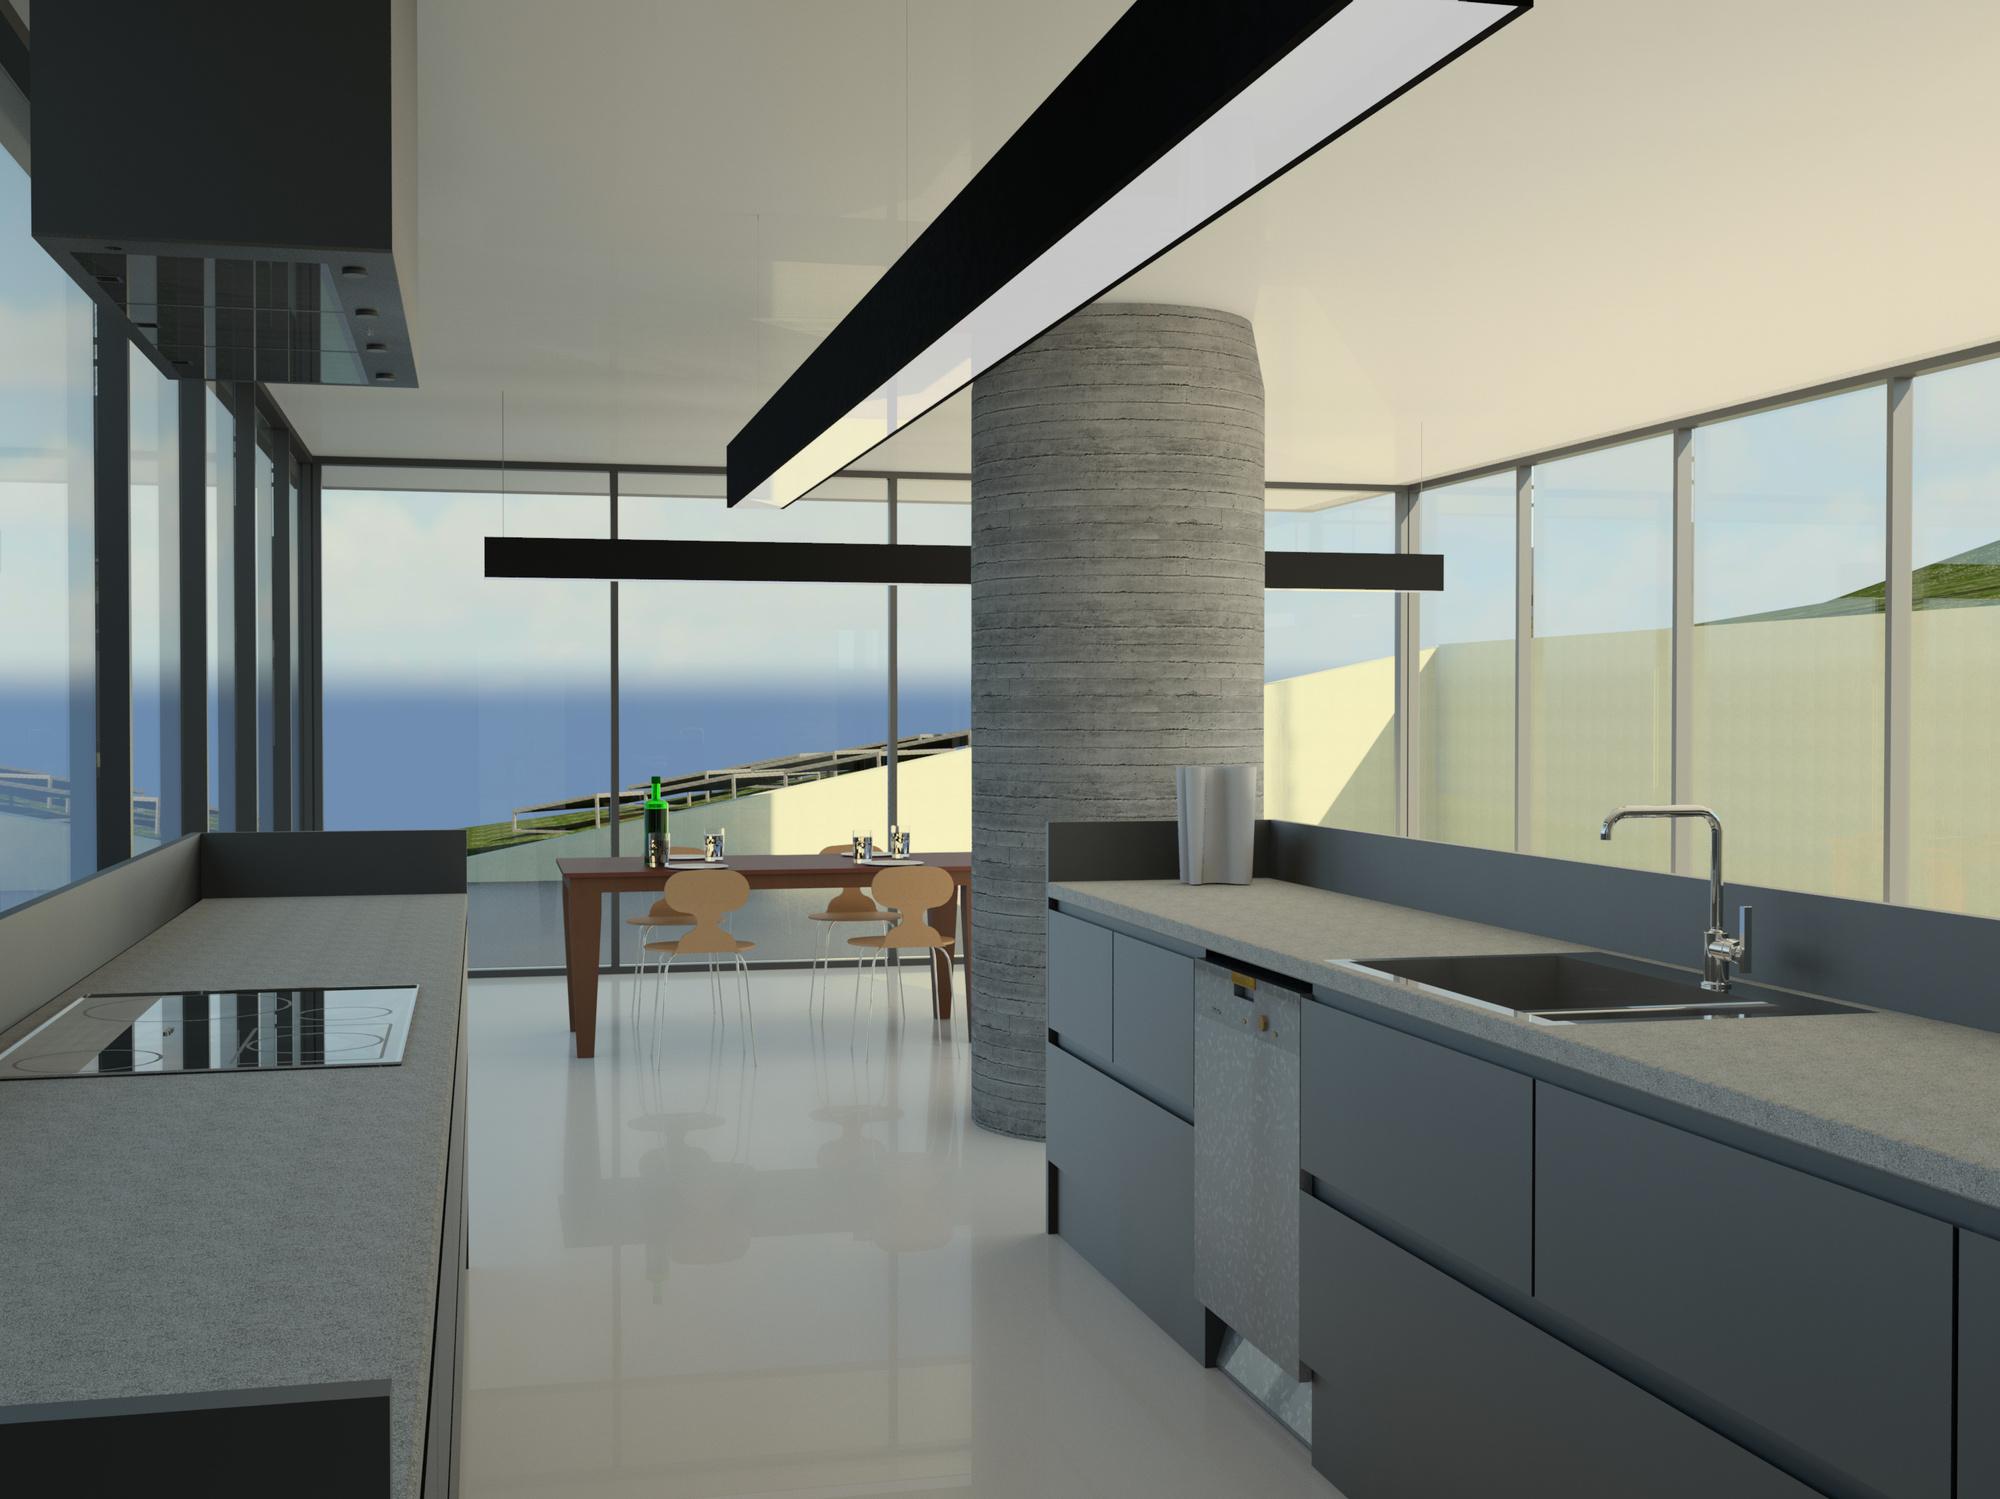 Raas-rendering20150219-32492-148504y